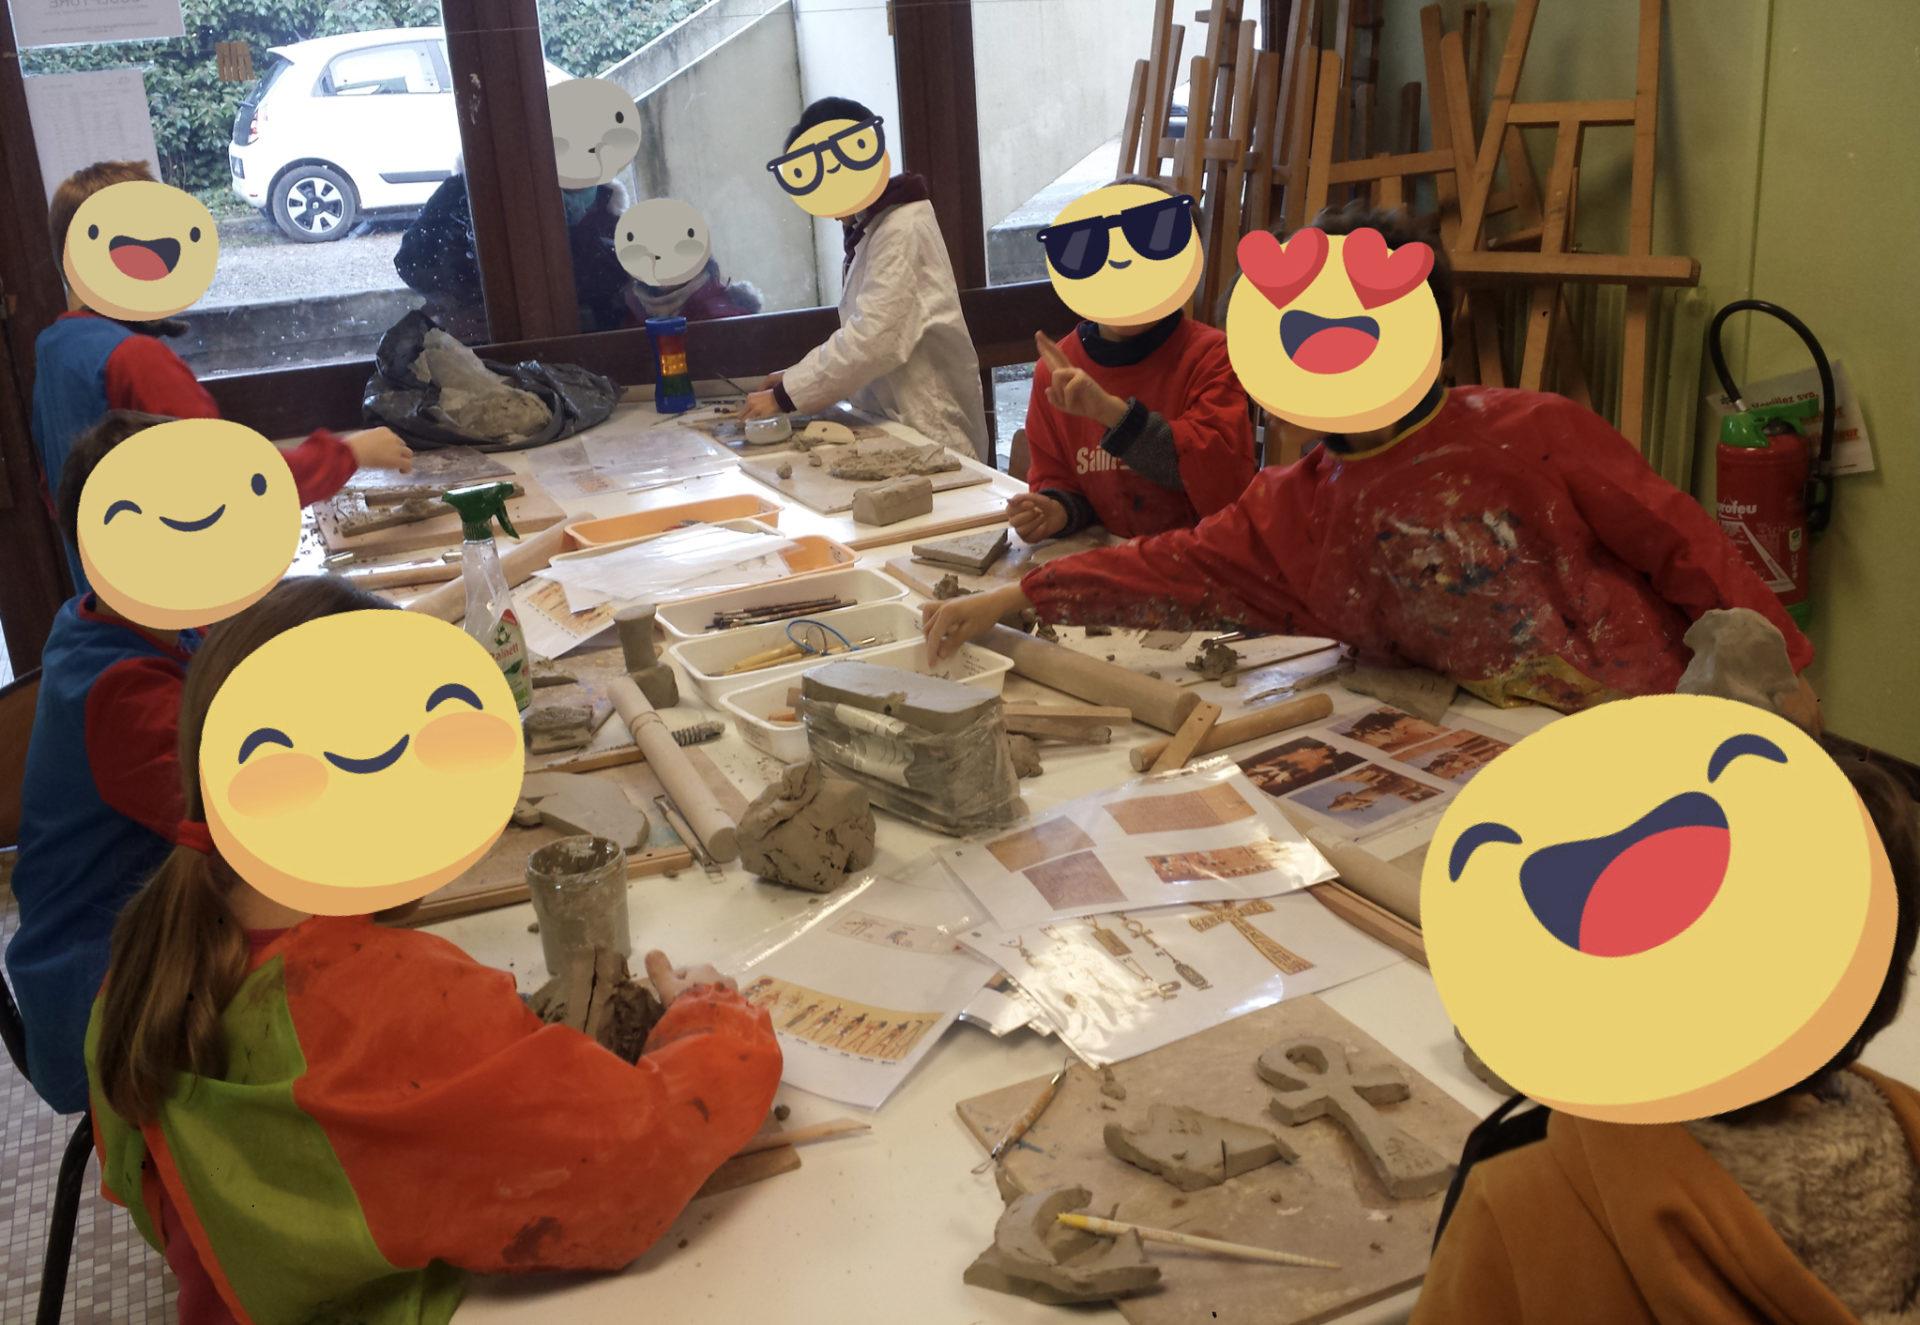 Atelier de poterie et modelage enfants à saint-cyr-l-école